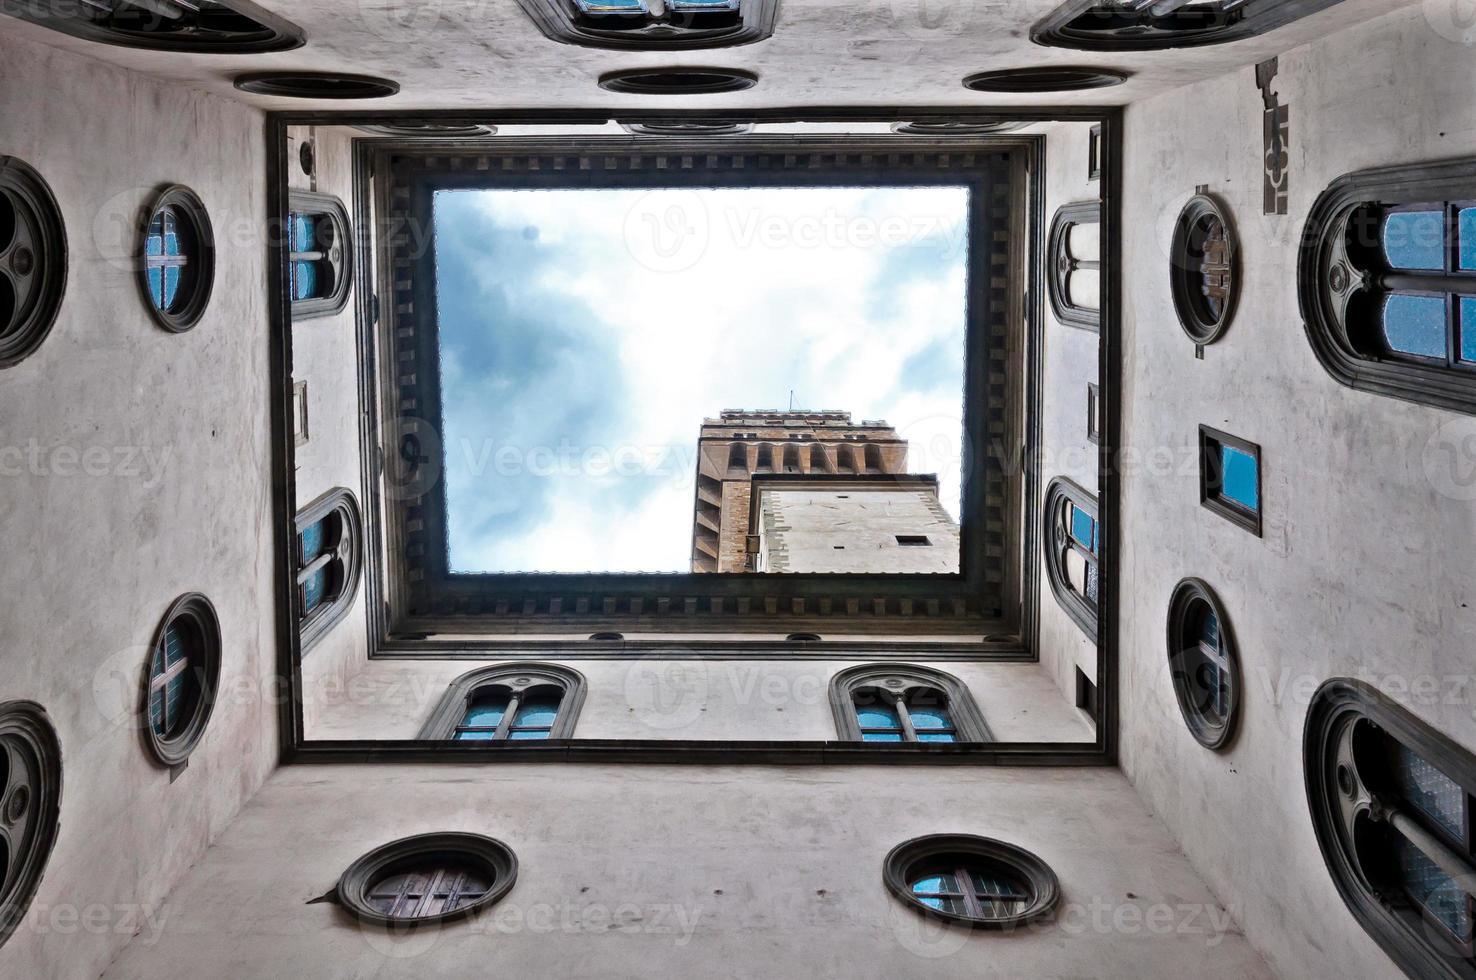 vista do palazzo vecchio do pátio em Florença, Itália foto